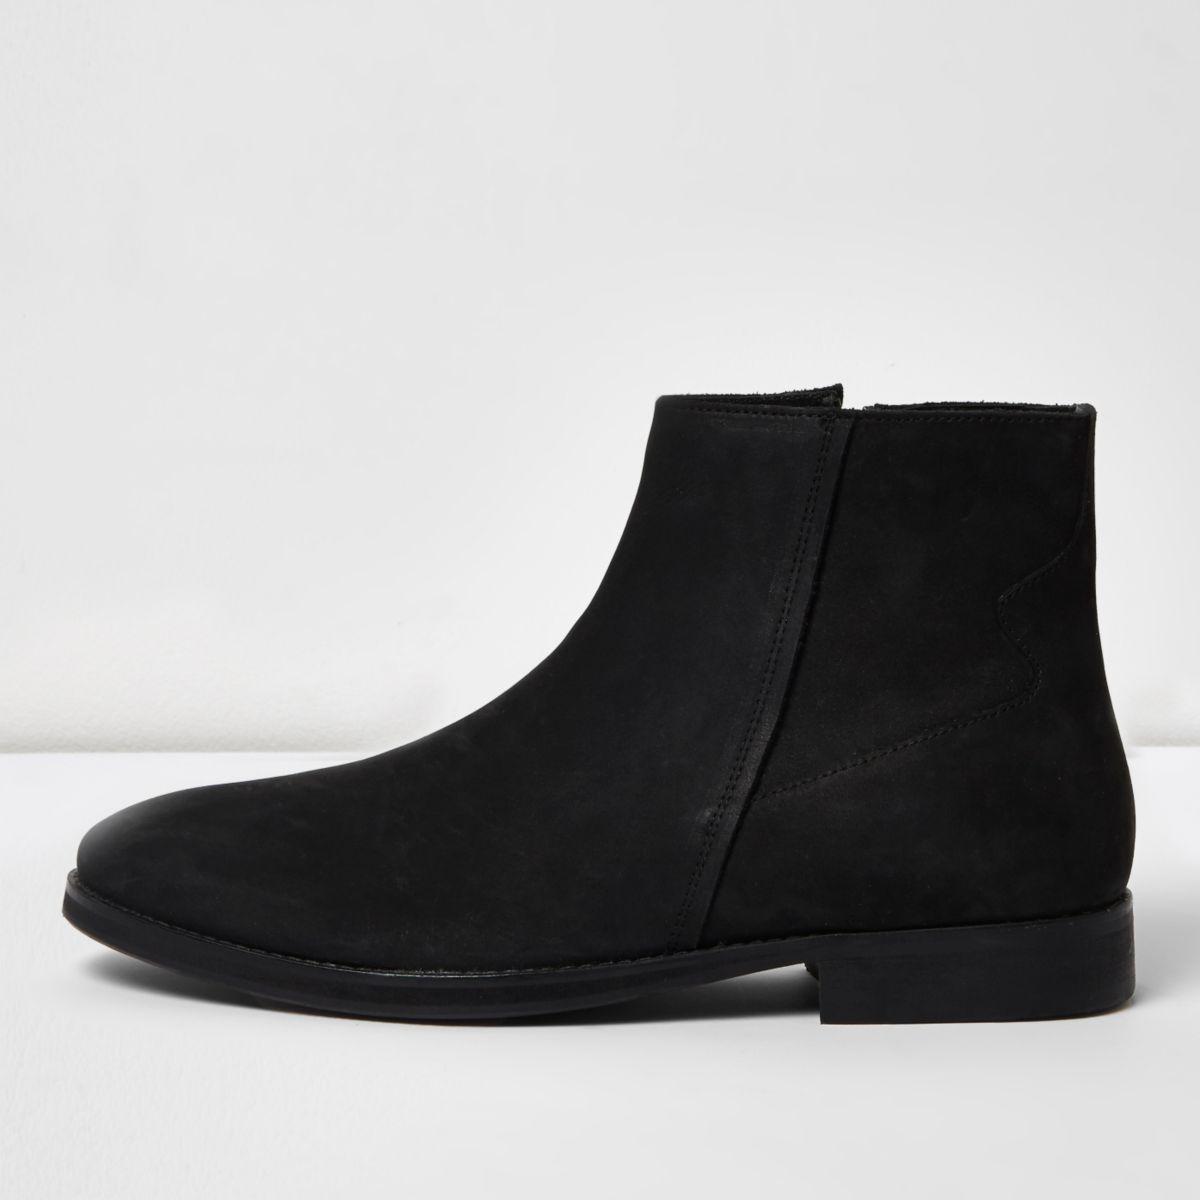 Bottes en cuir et nubuck noires zippées